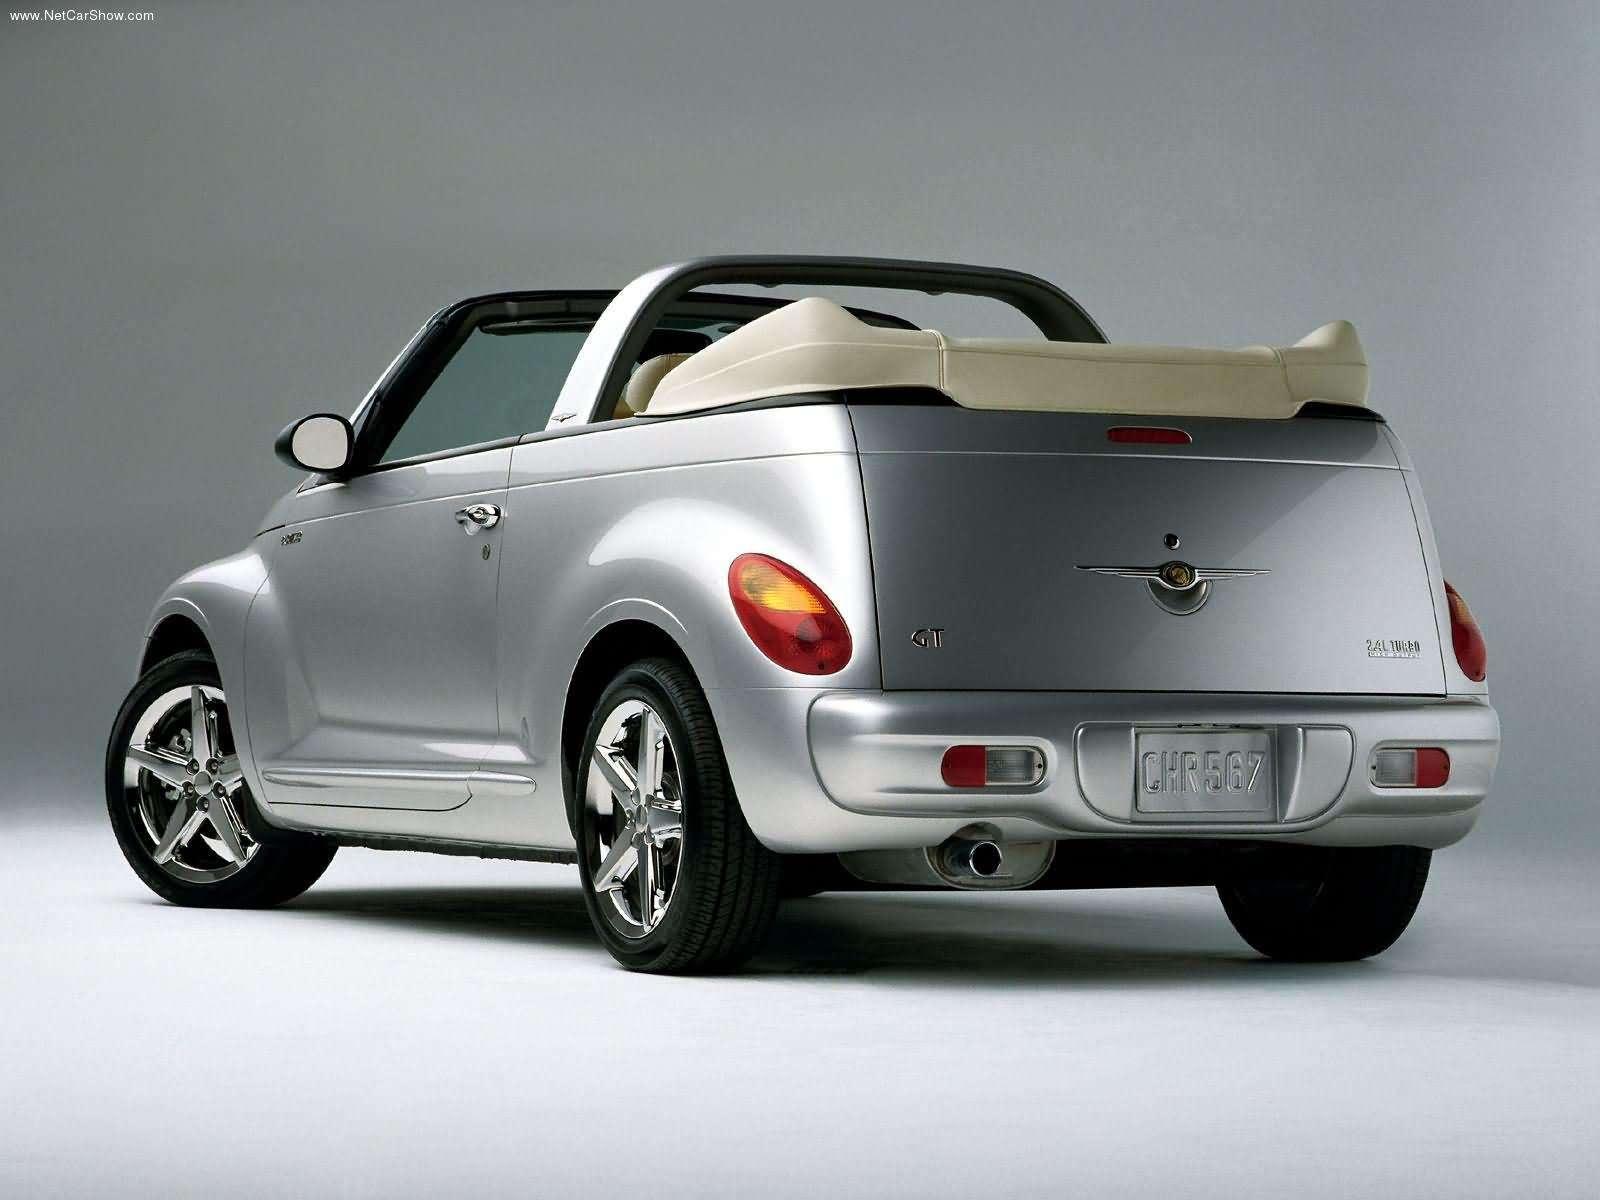 Hình ảnh xe ô tô Chrysler PT Cruiser Convertible 2005 & nội ngoại thất